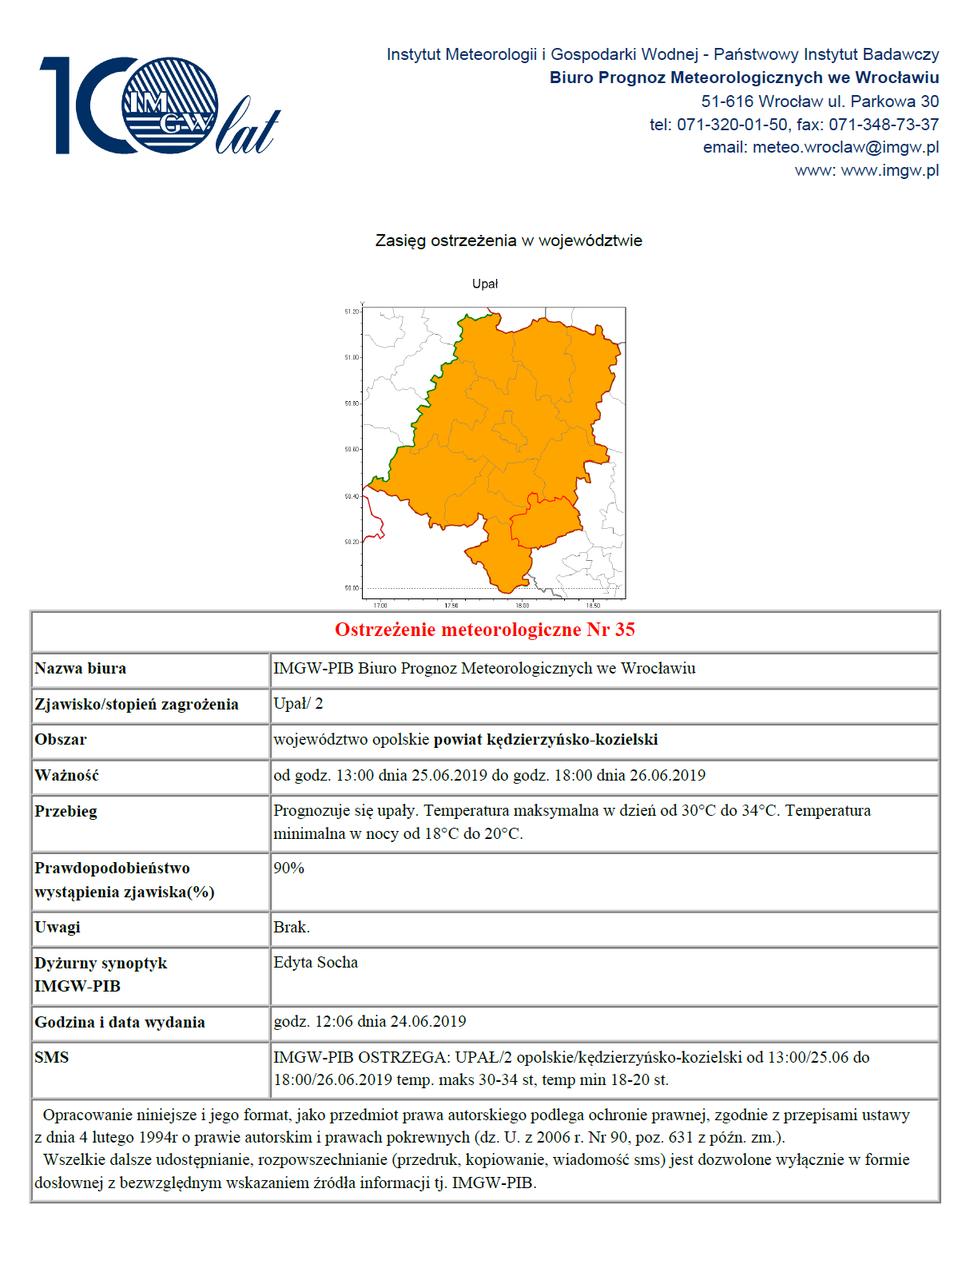 Ostrzeżenie meteorologiczne nr 35 z 24.06.2019.png